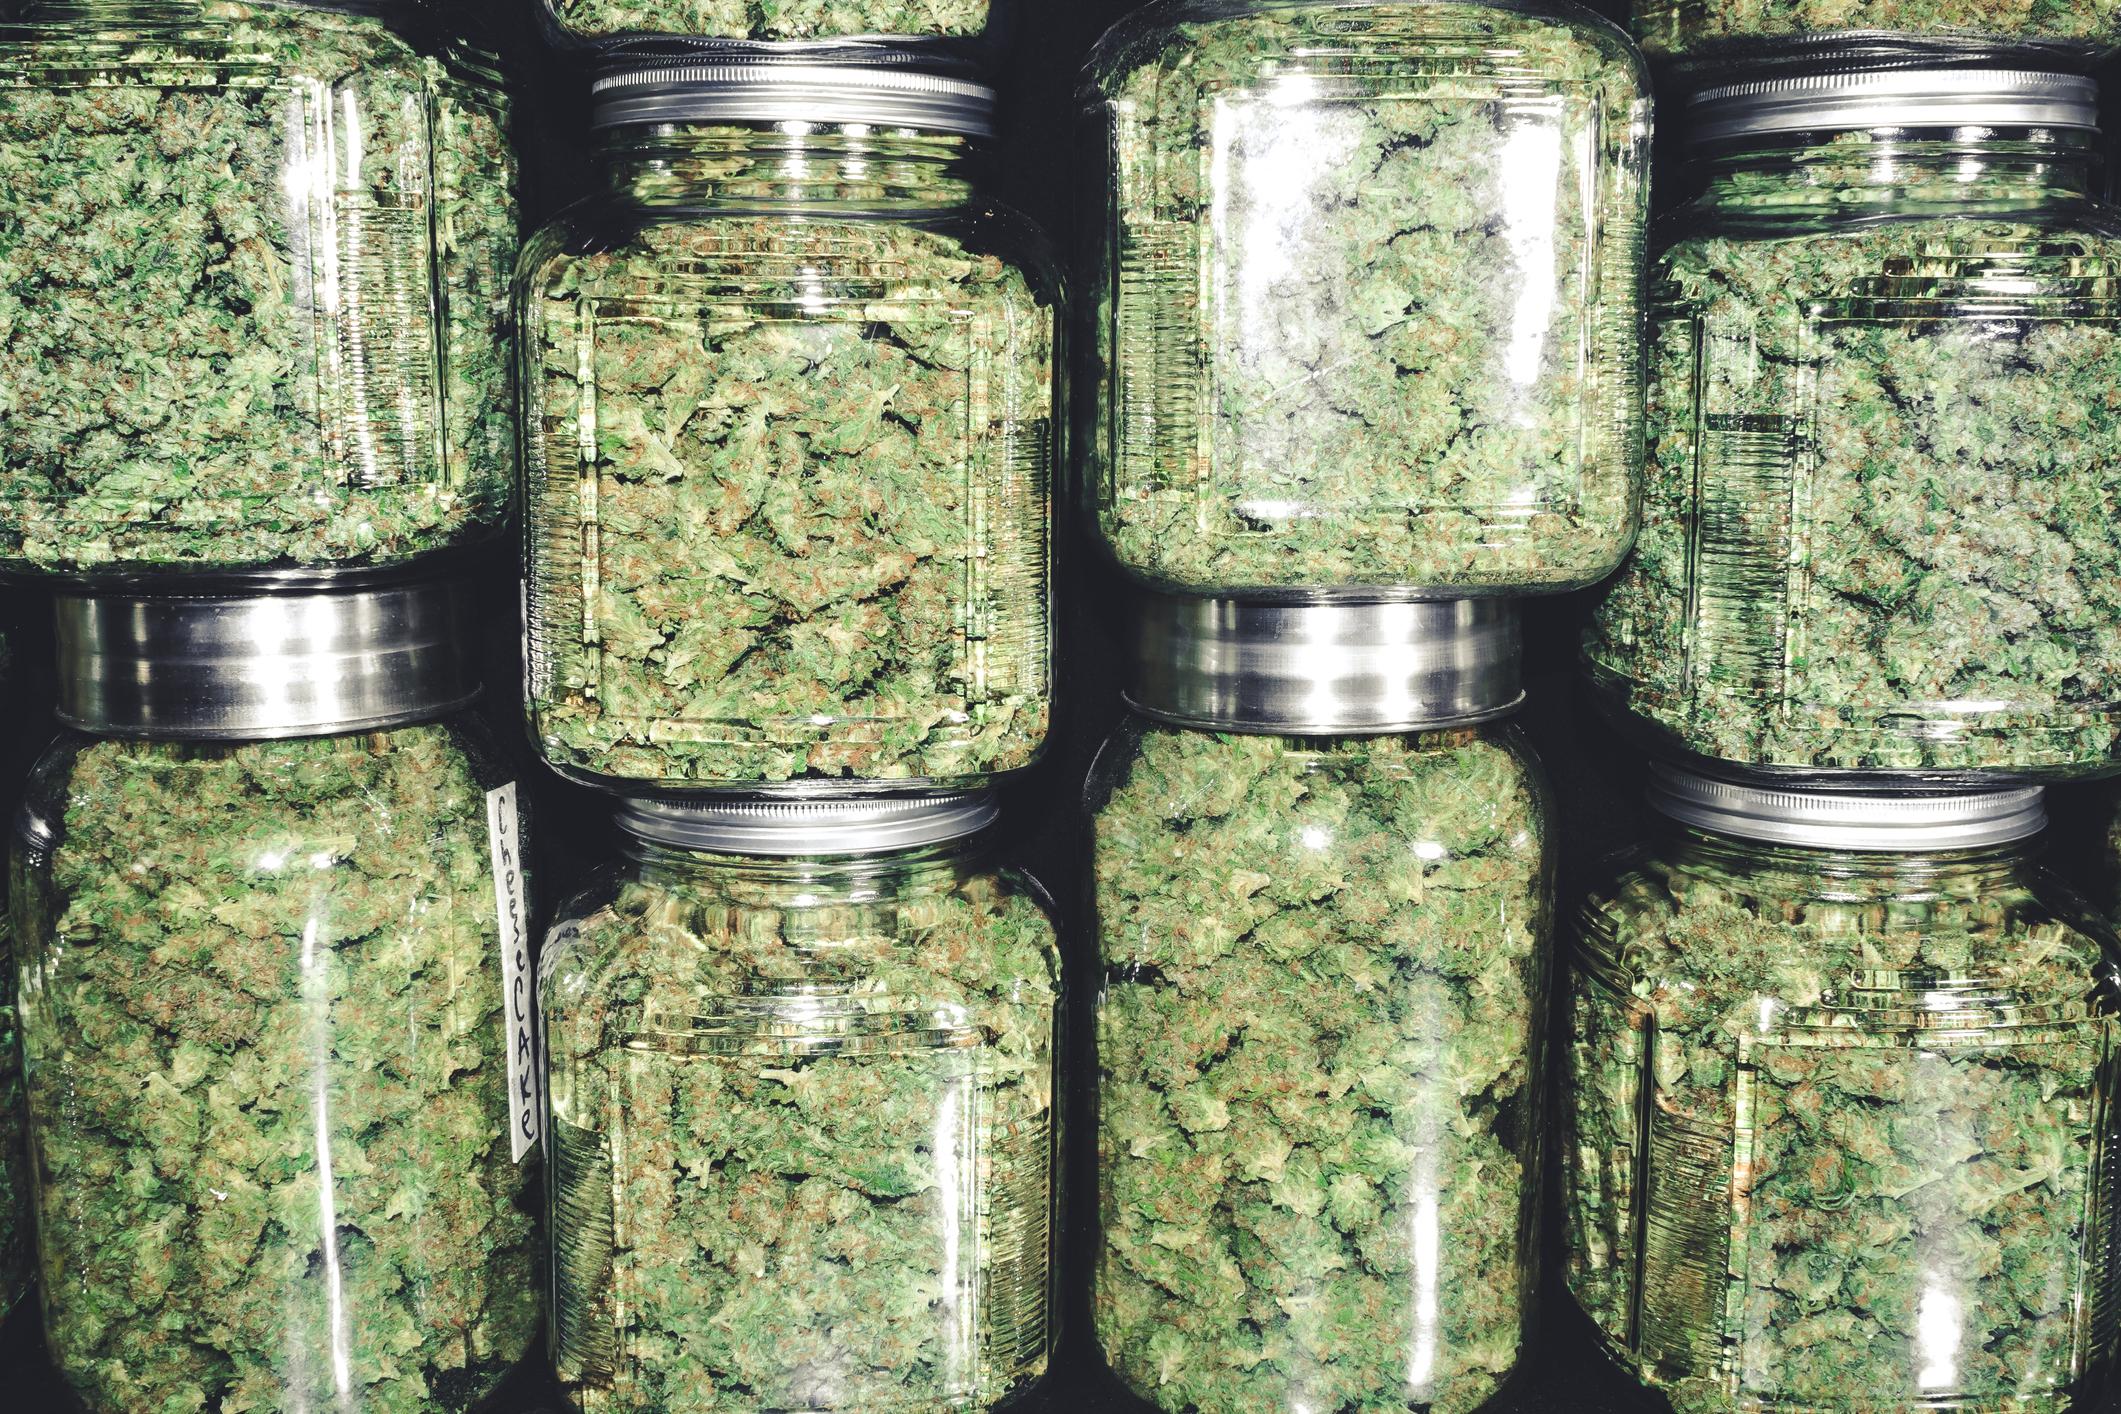 Stacks of jars containing dried marijuana buds.